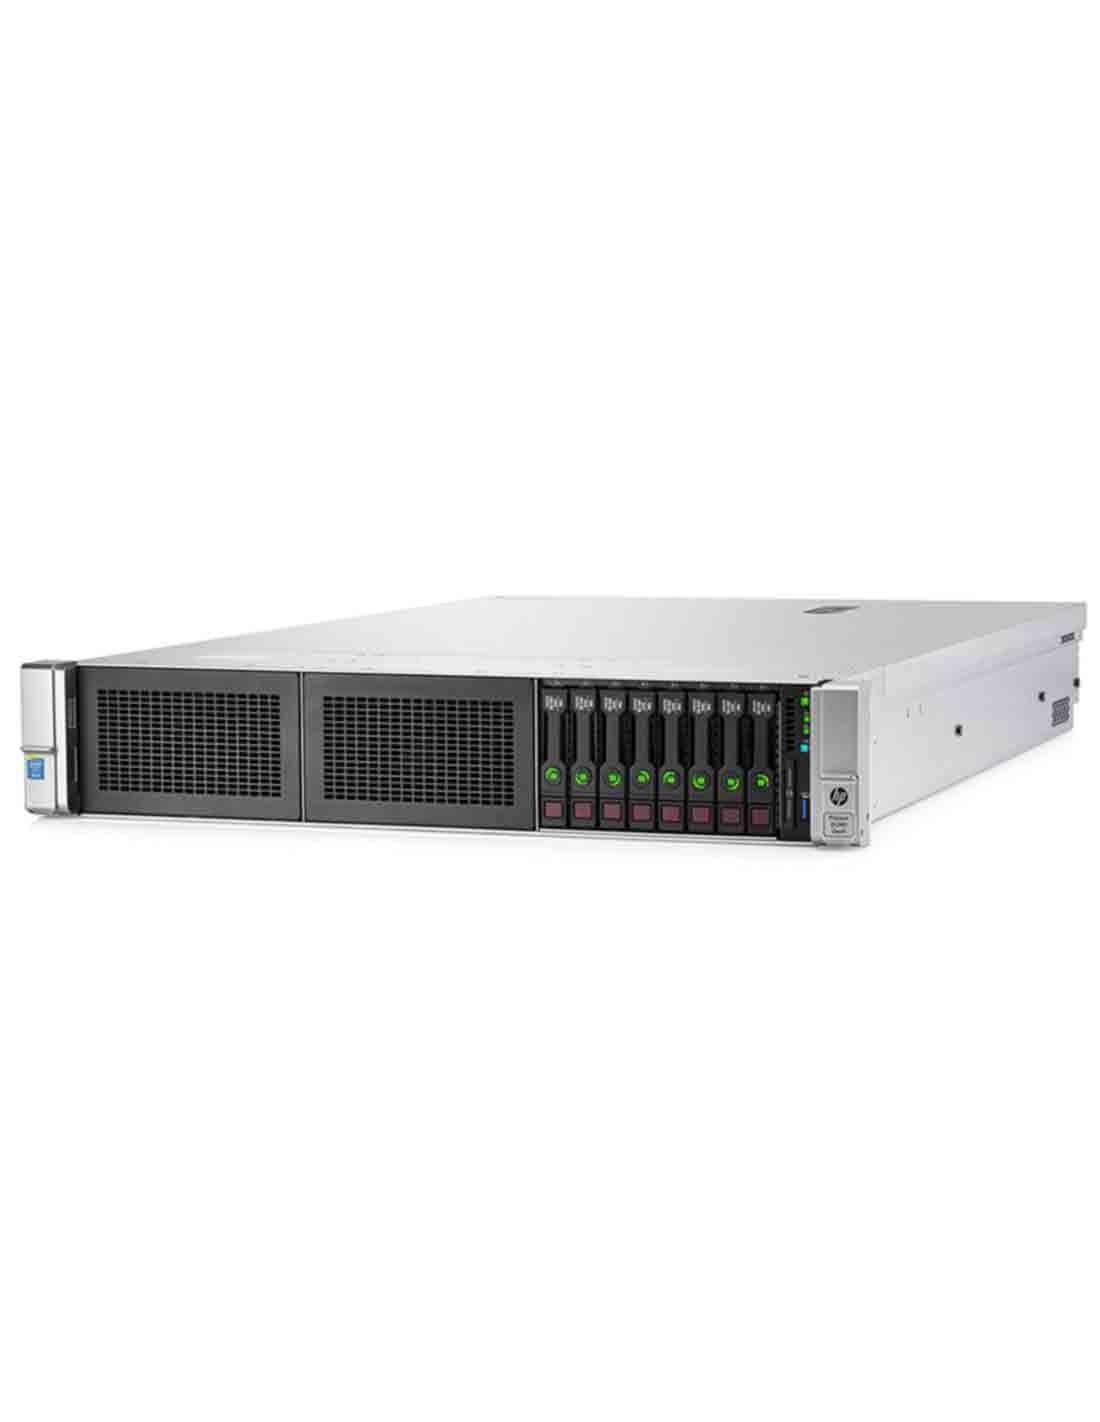 HP ProLiant DL380 Gen9 E5-2650v4 Server at a Cheap Price in Dubai